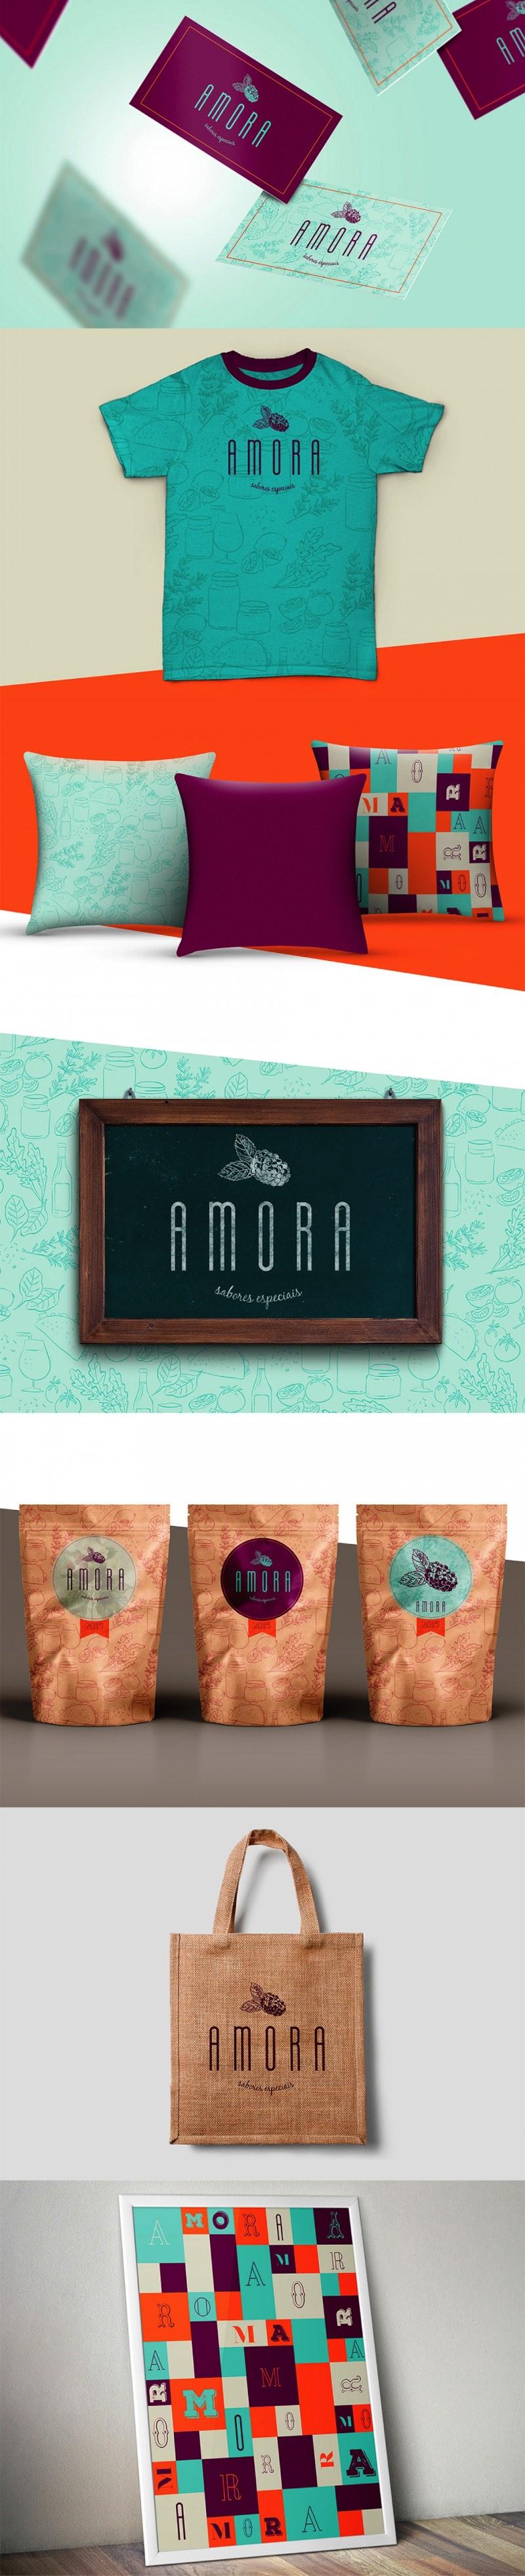 Recebi o portfolio do Dharma Estúdio Criativo por e-mail e sabia que teria que publicar o trabalho deles por aqui. O portfólio deles é repleto de projetos visuais bem interessantes como vocês podem ver nas imagens abaixo.